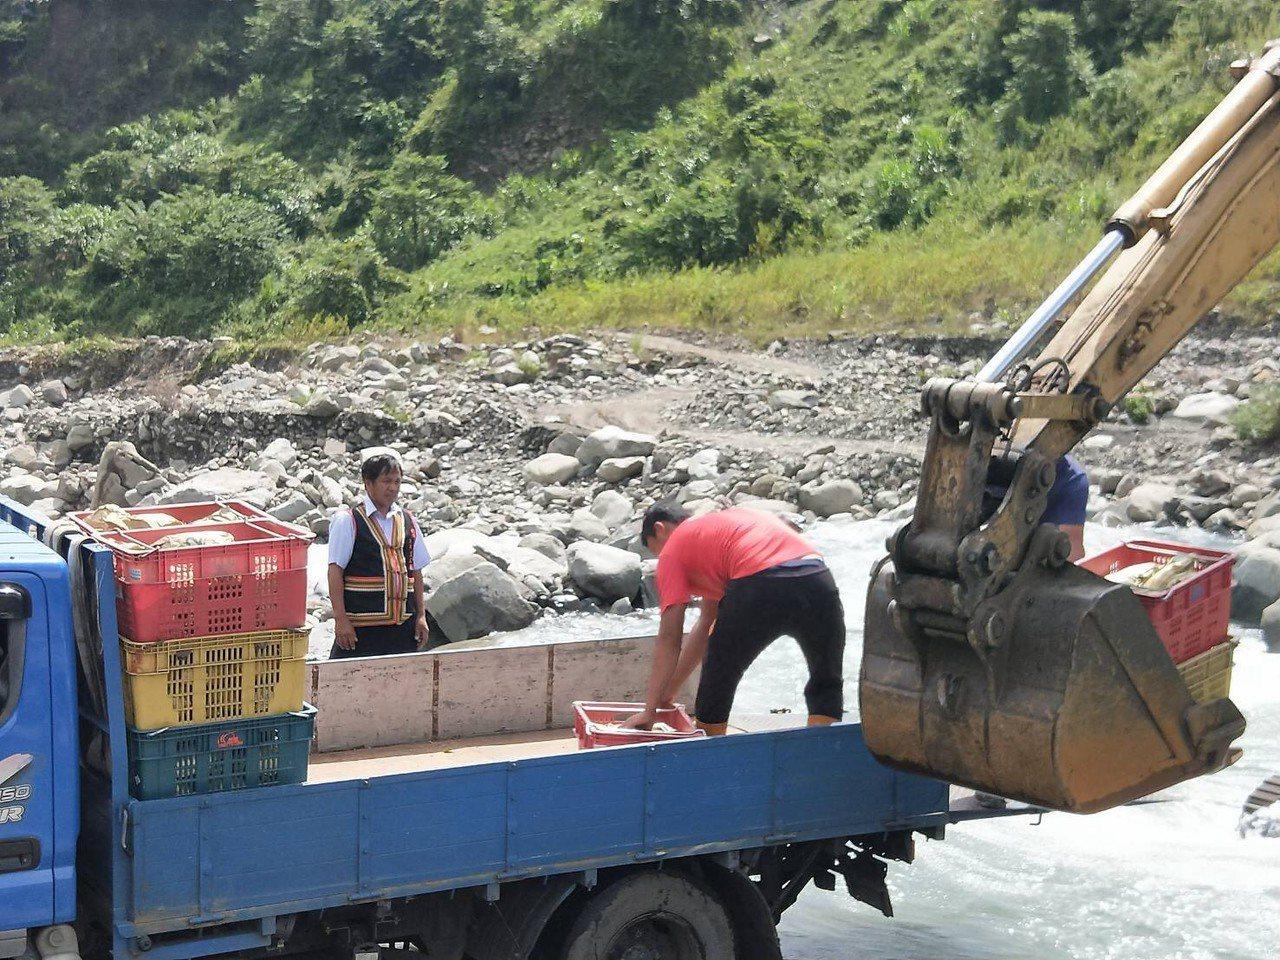 高雄市農業局和區公所協助利用怪手運送金煌芒果過溪。圖/高雄市農業局提供